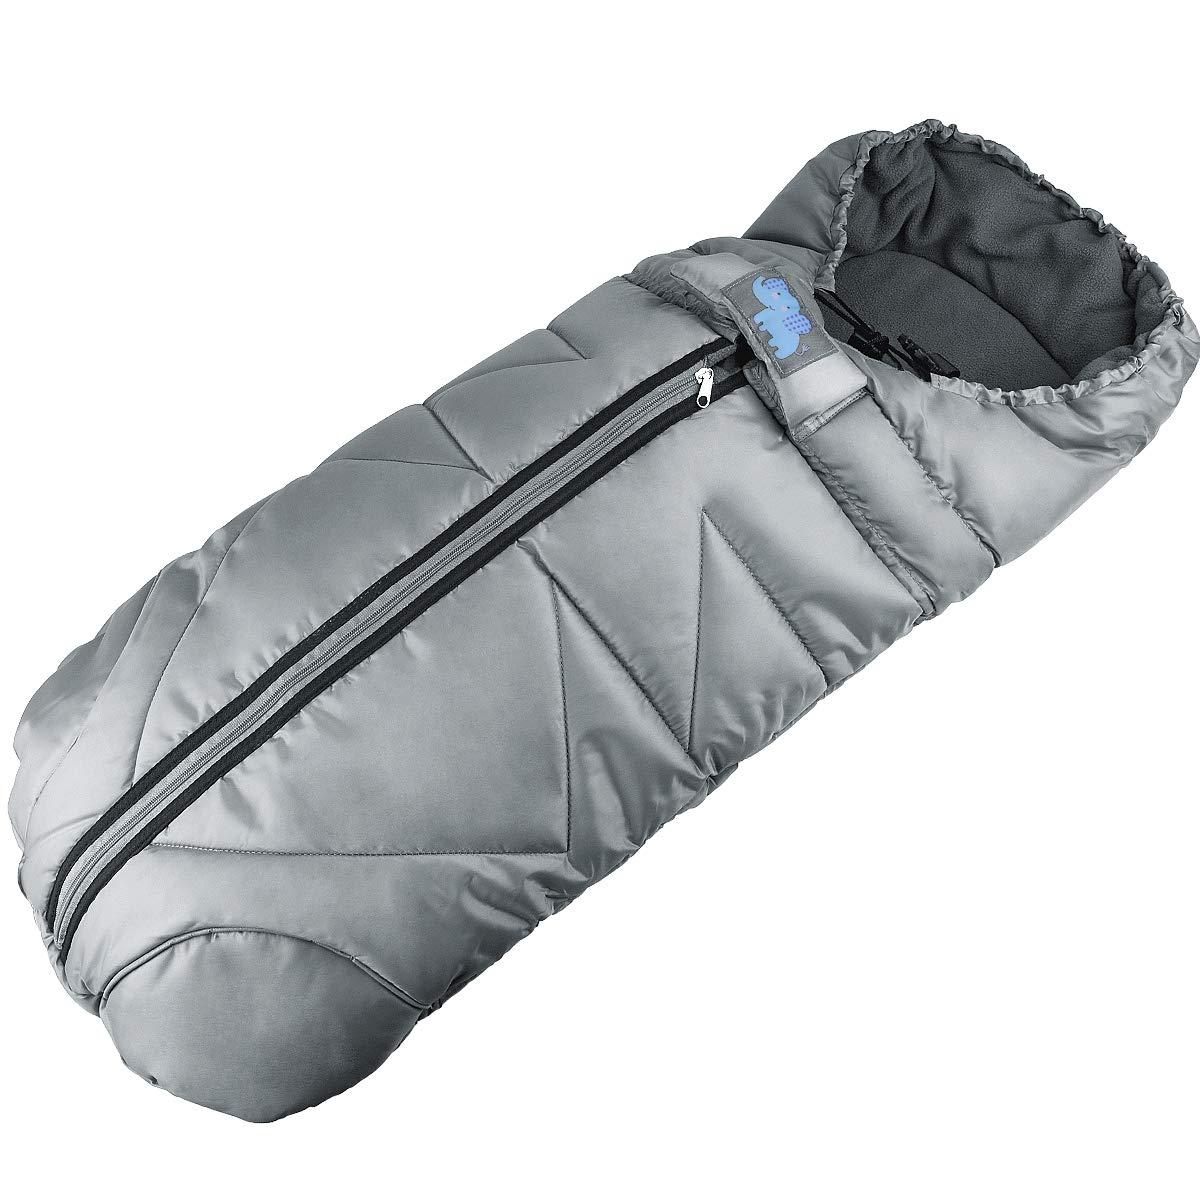 Baby Stroller Sleeping Bag, Waterproof Infant Universal Warm Footmuff Sack, Wearable Stroller Blanket (Grey)